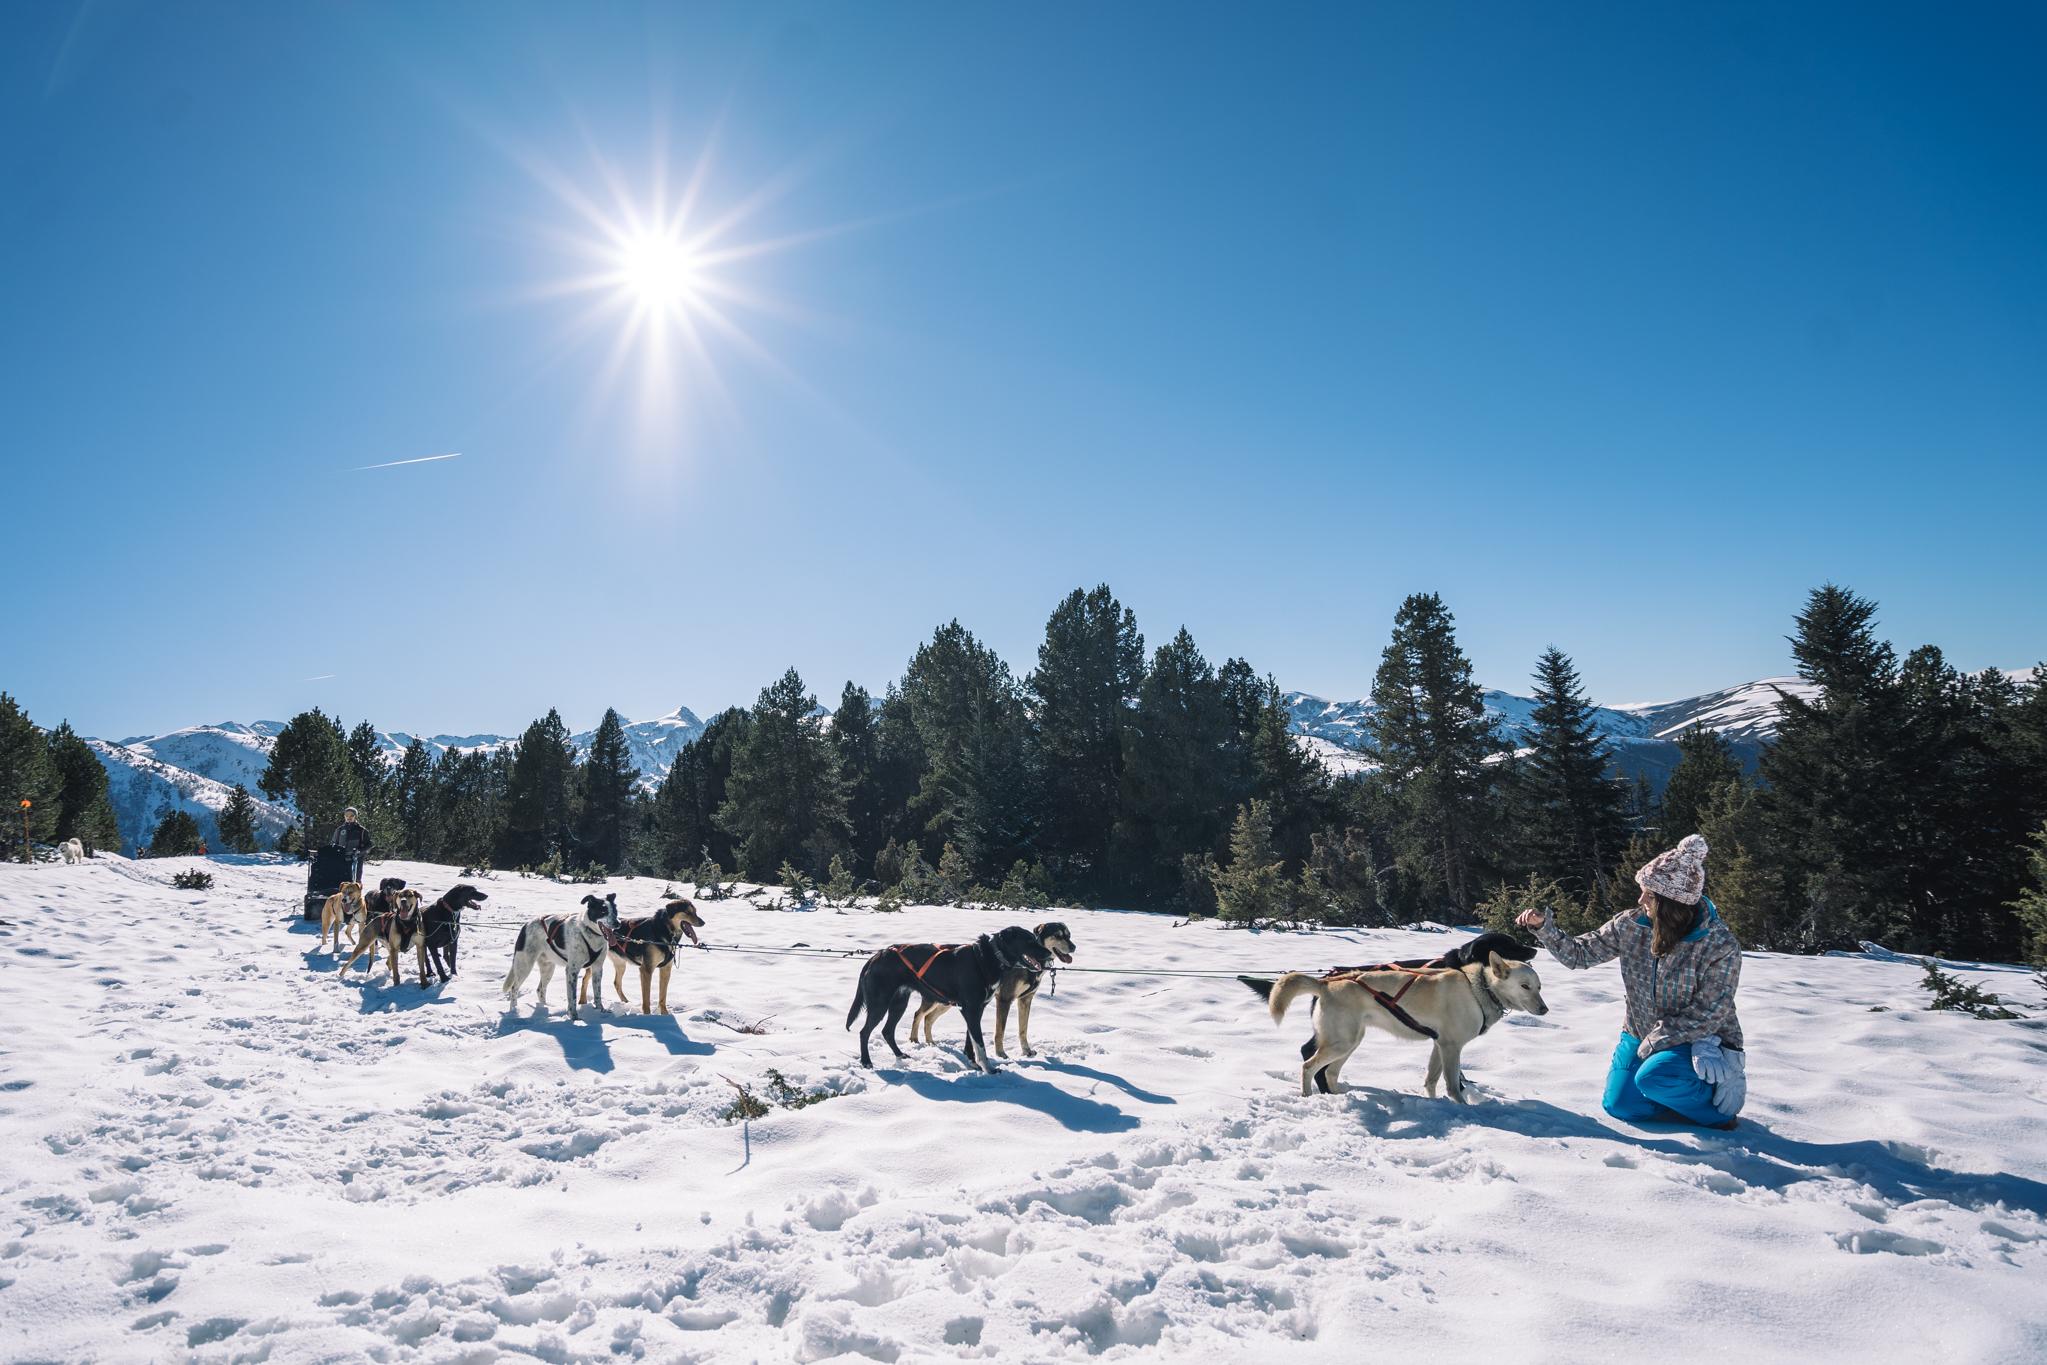 chiens-traineau-ariege-activité-montagne